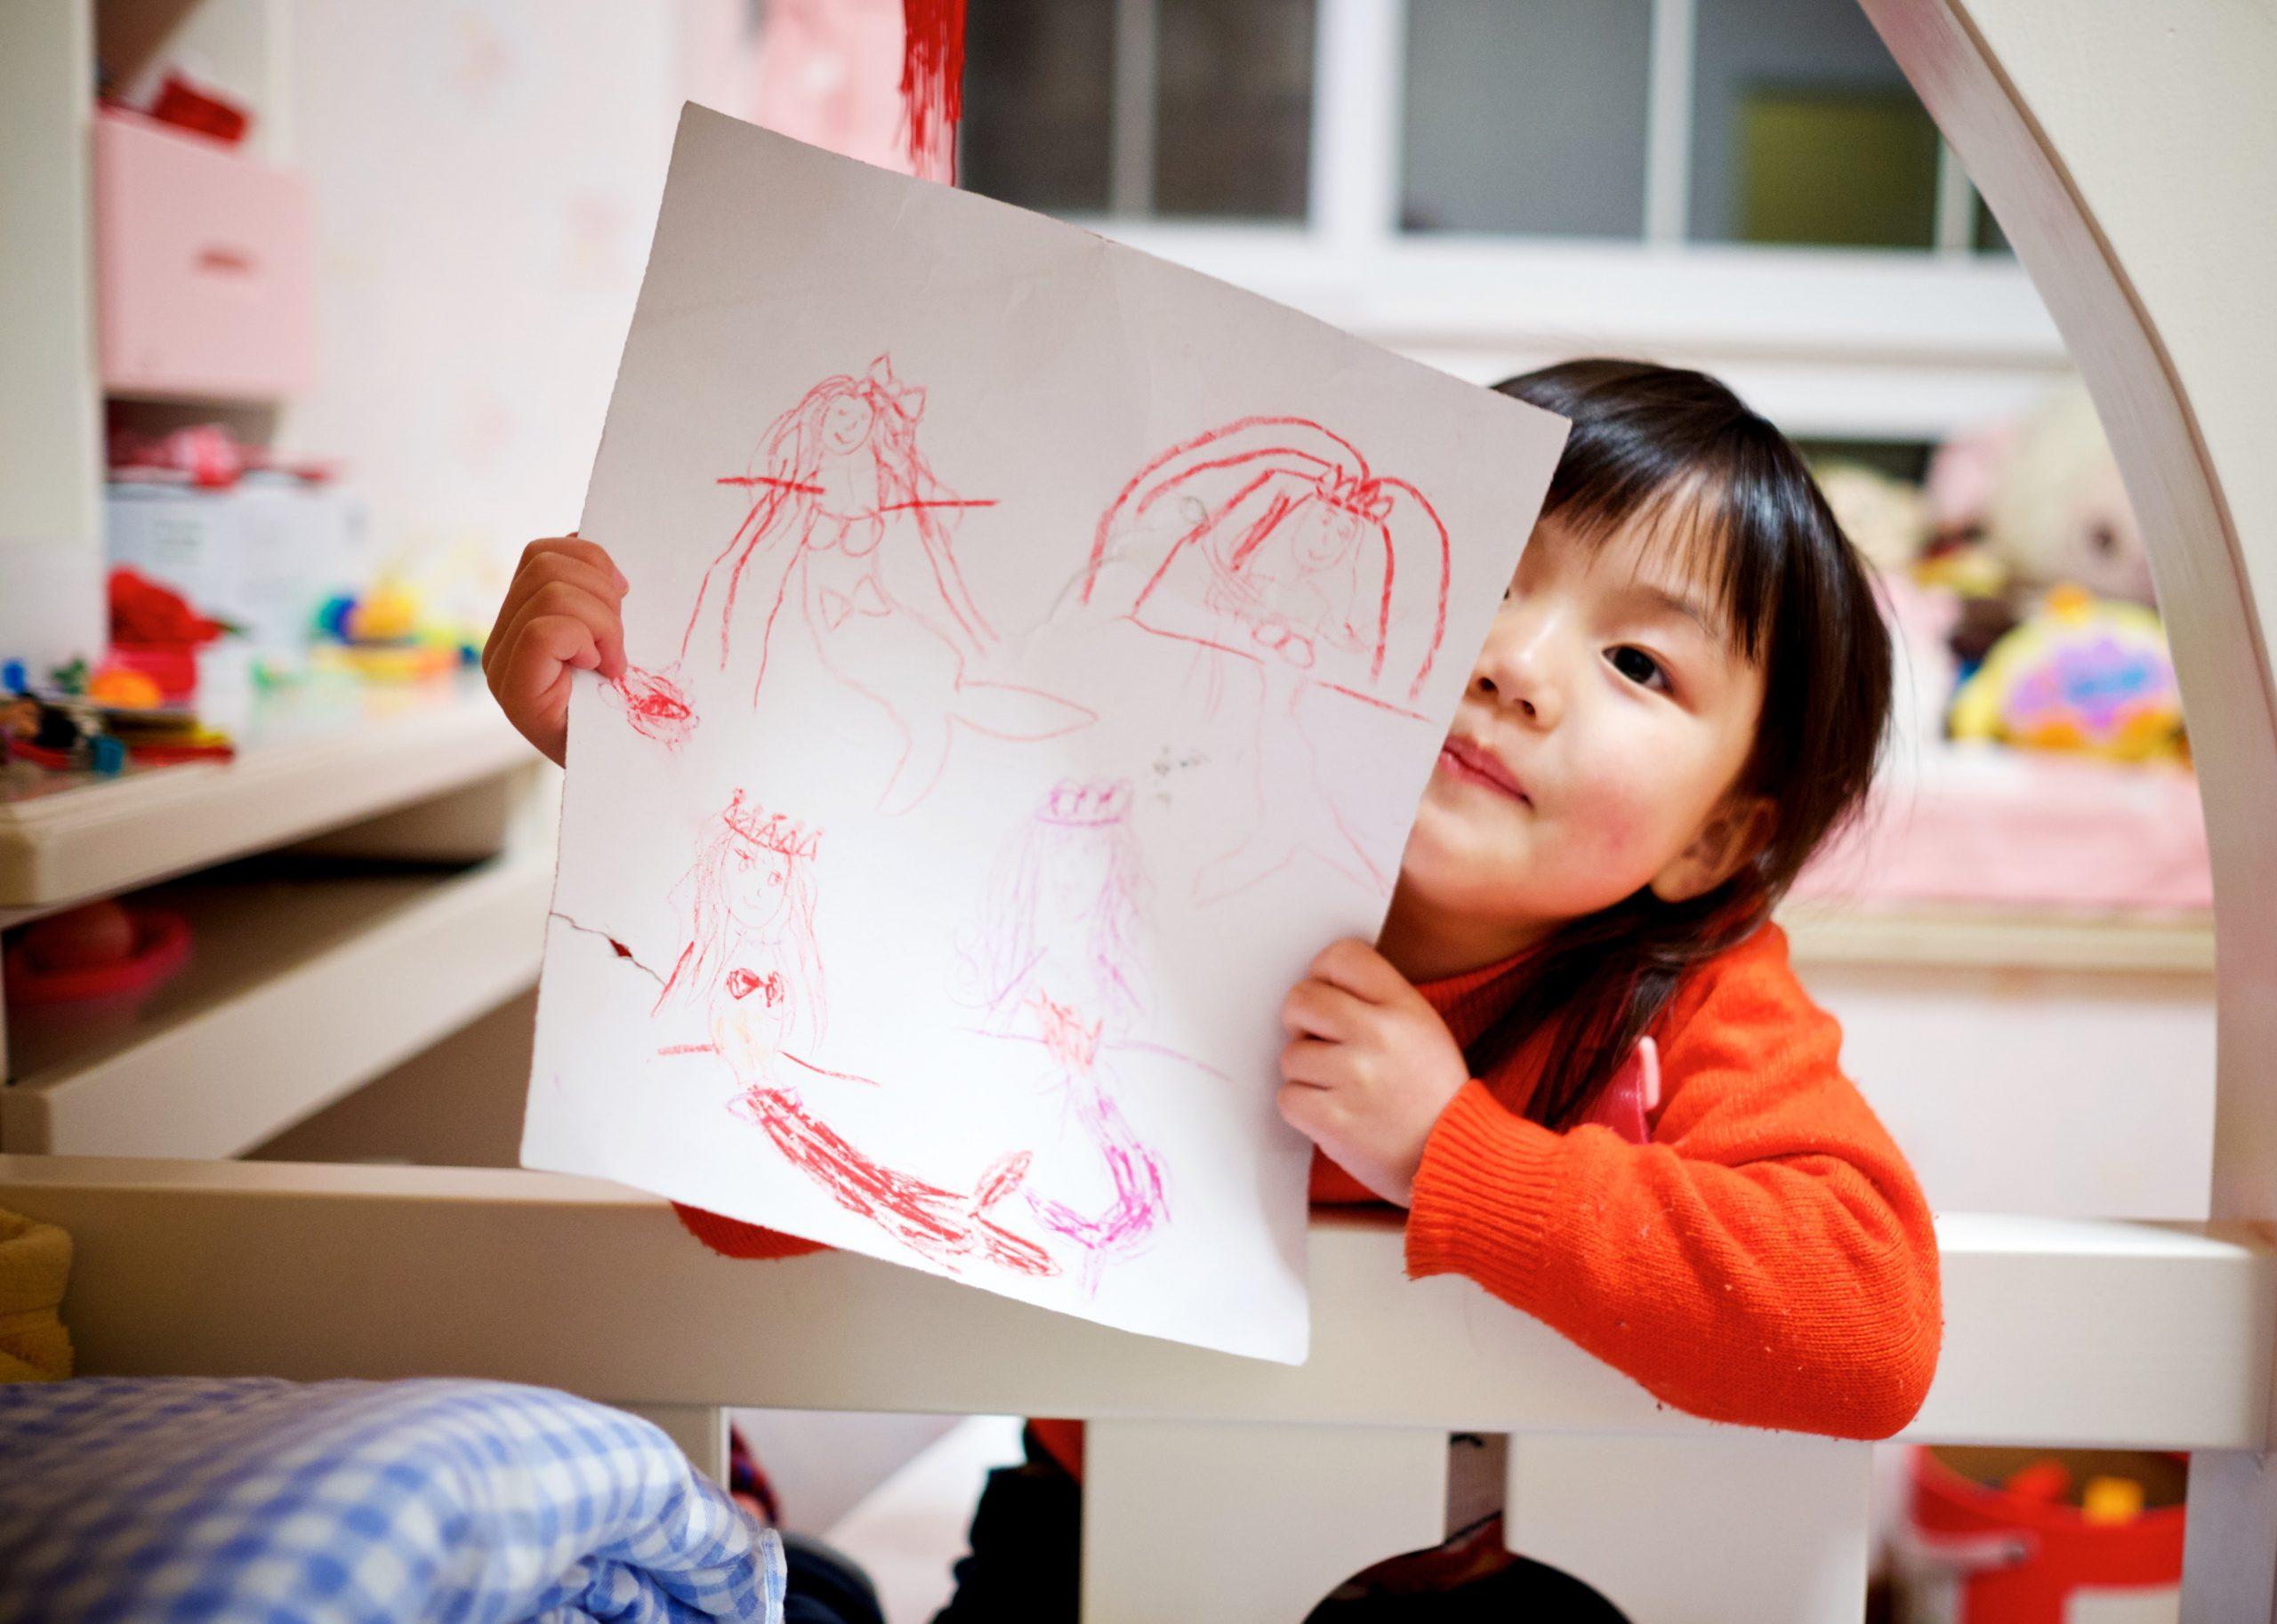 One Easy Way to Build Self-esteem in Children